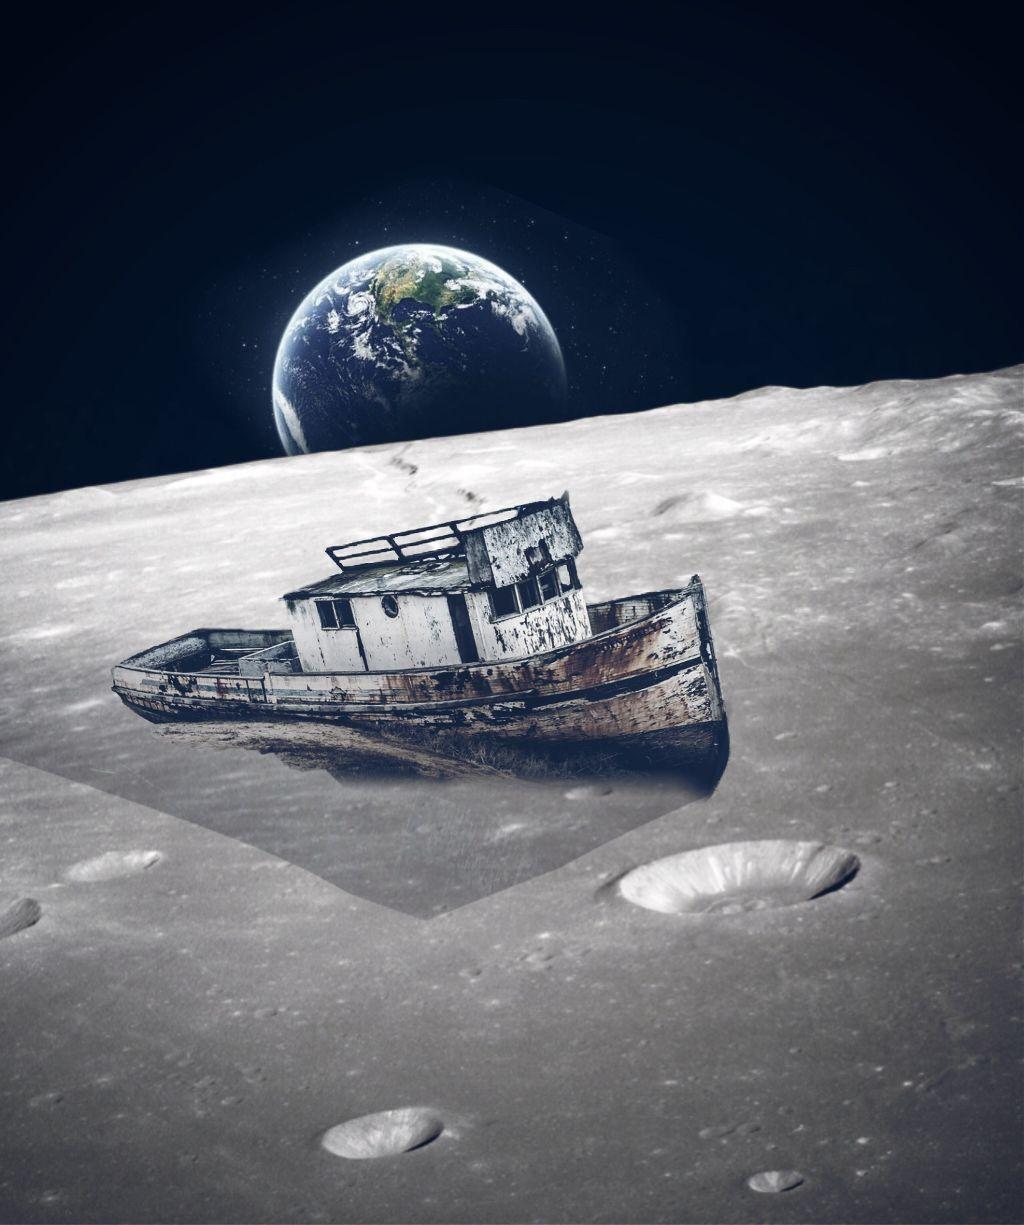 Naufragio en la luna. #freetoedit #moon #earth #space #naufragio @ria40 @niel86